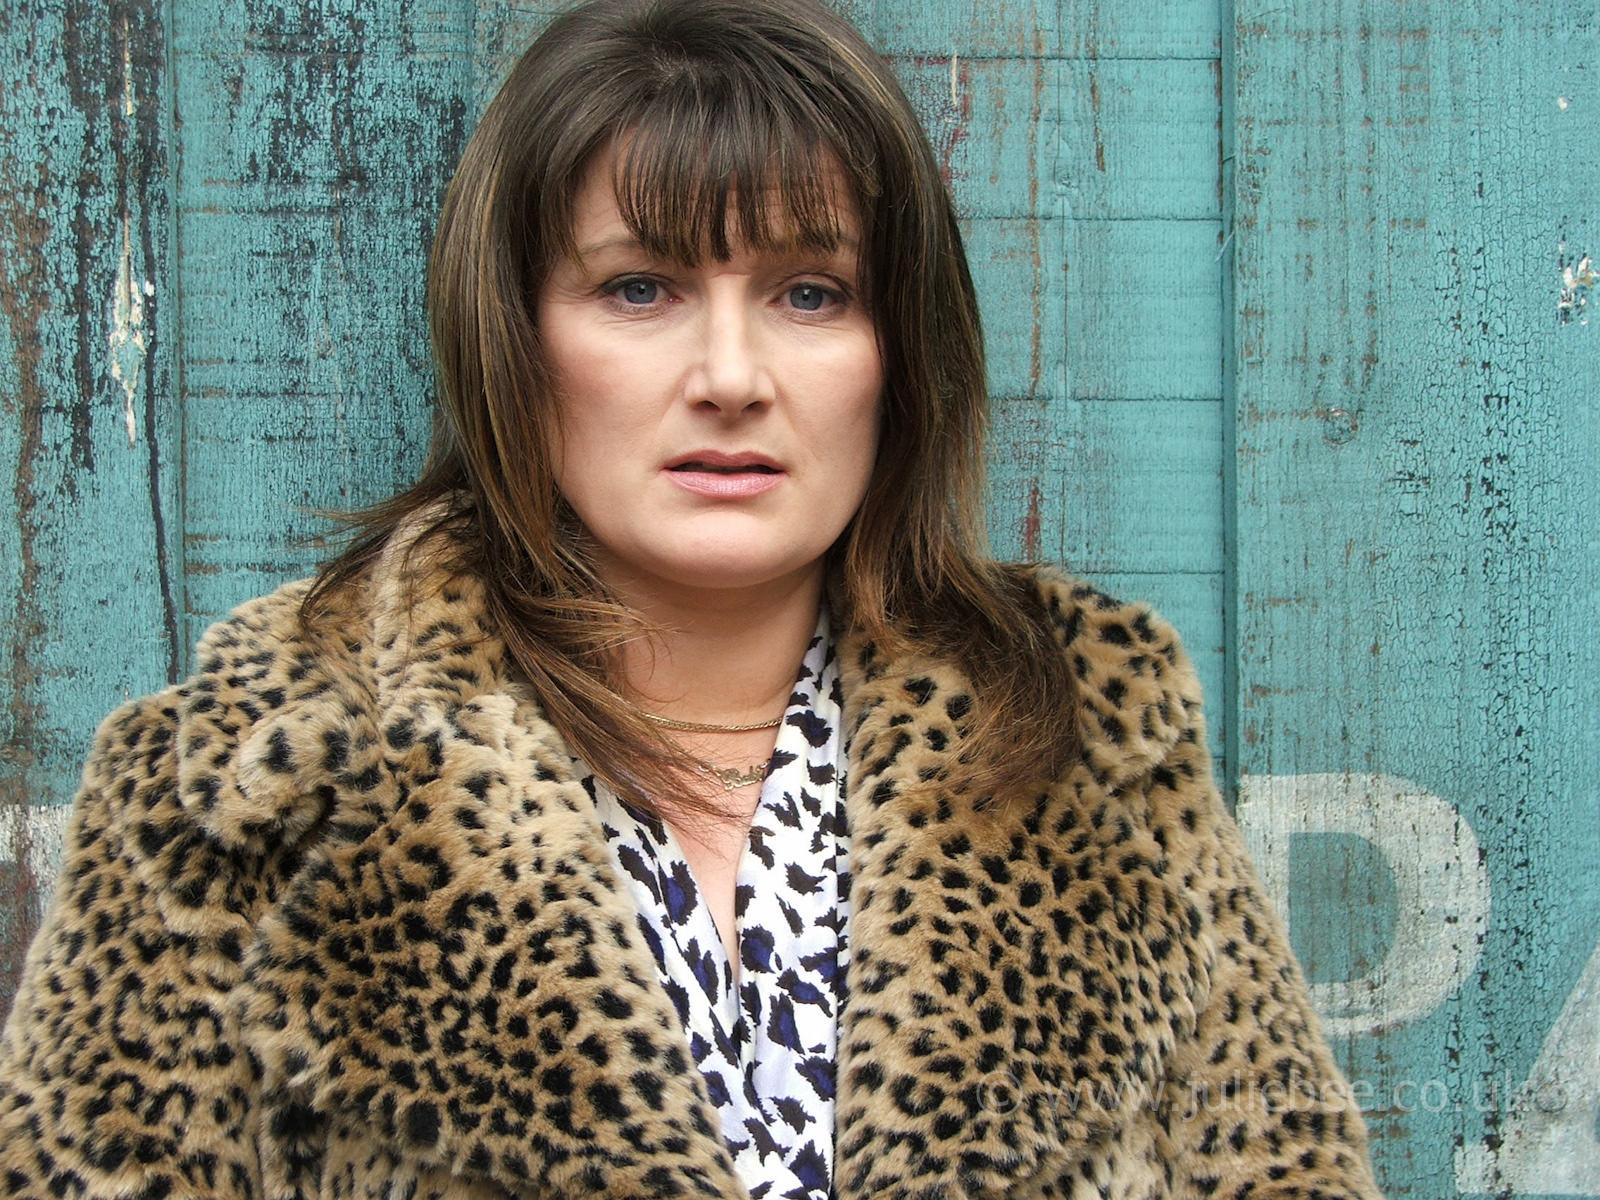 bbc-river-city-character-scarlett-sally-howitt-scottish-actor.jpg